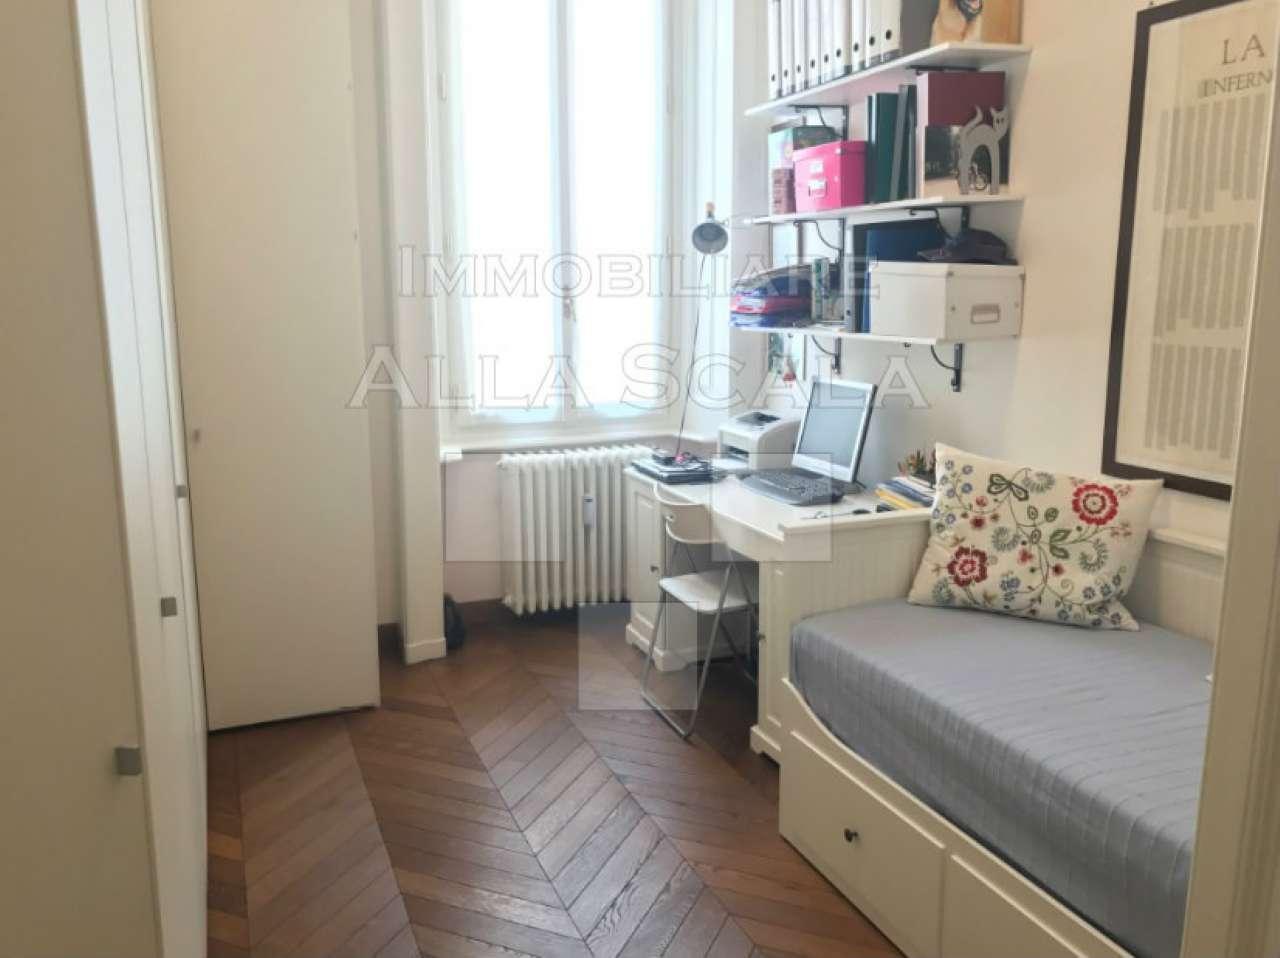 Appartamento in Vendita a Milano: 4 locali, 240 mq - Foto 9